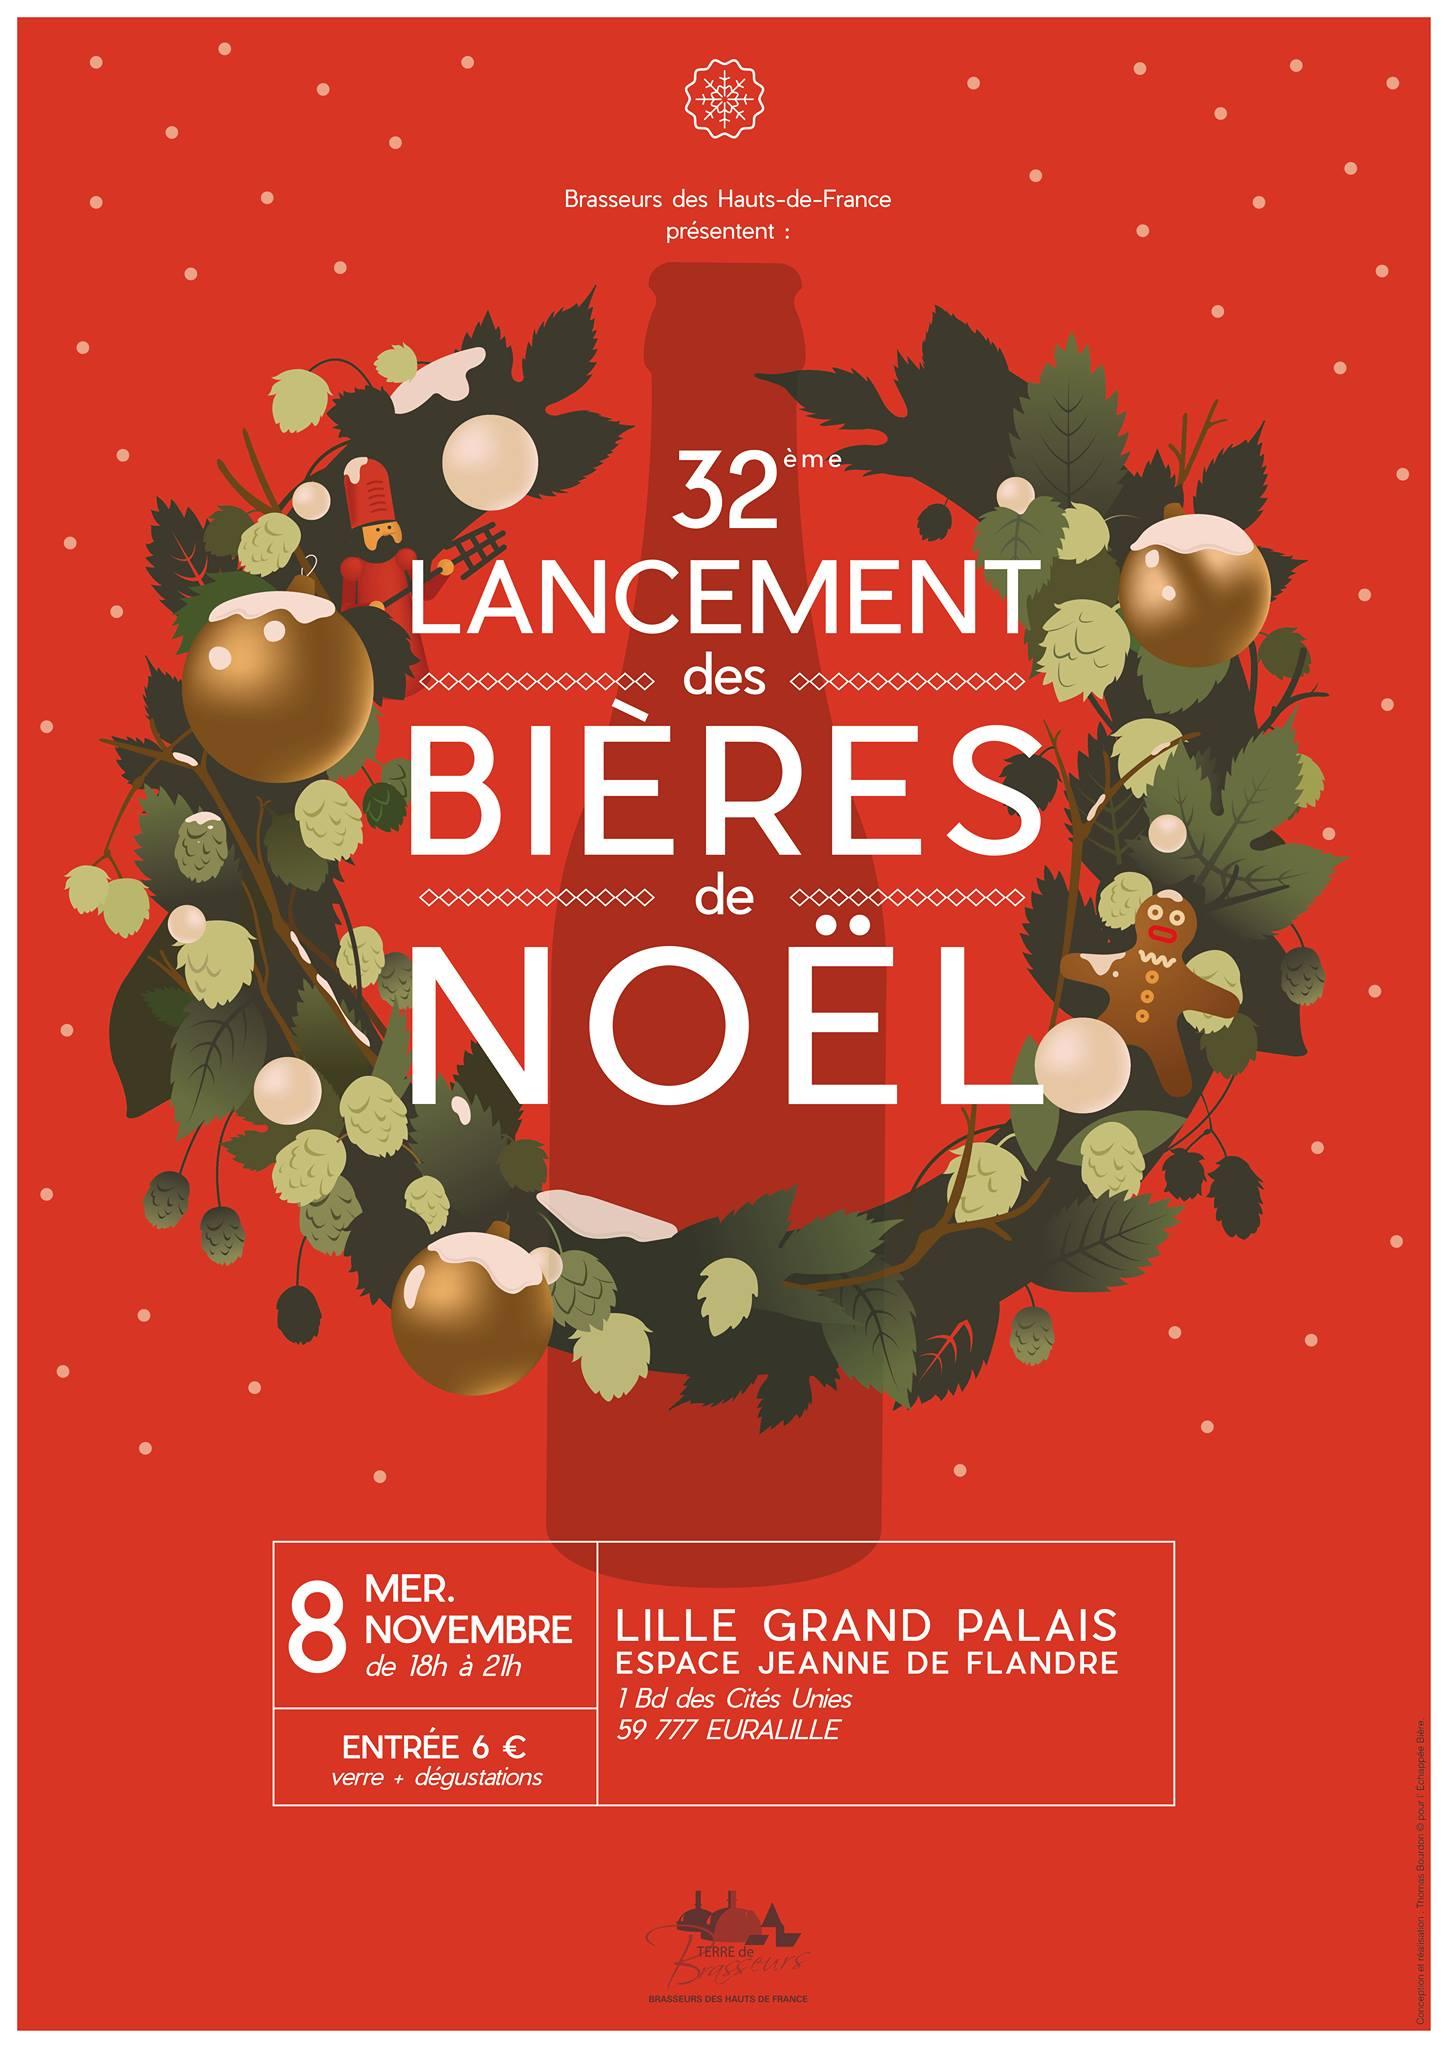 bieres de noel 32ème lancement des Bières de Noël   Les amis de la bière bieres de noel